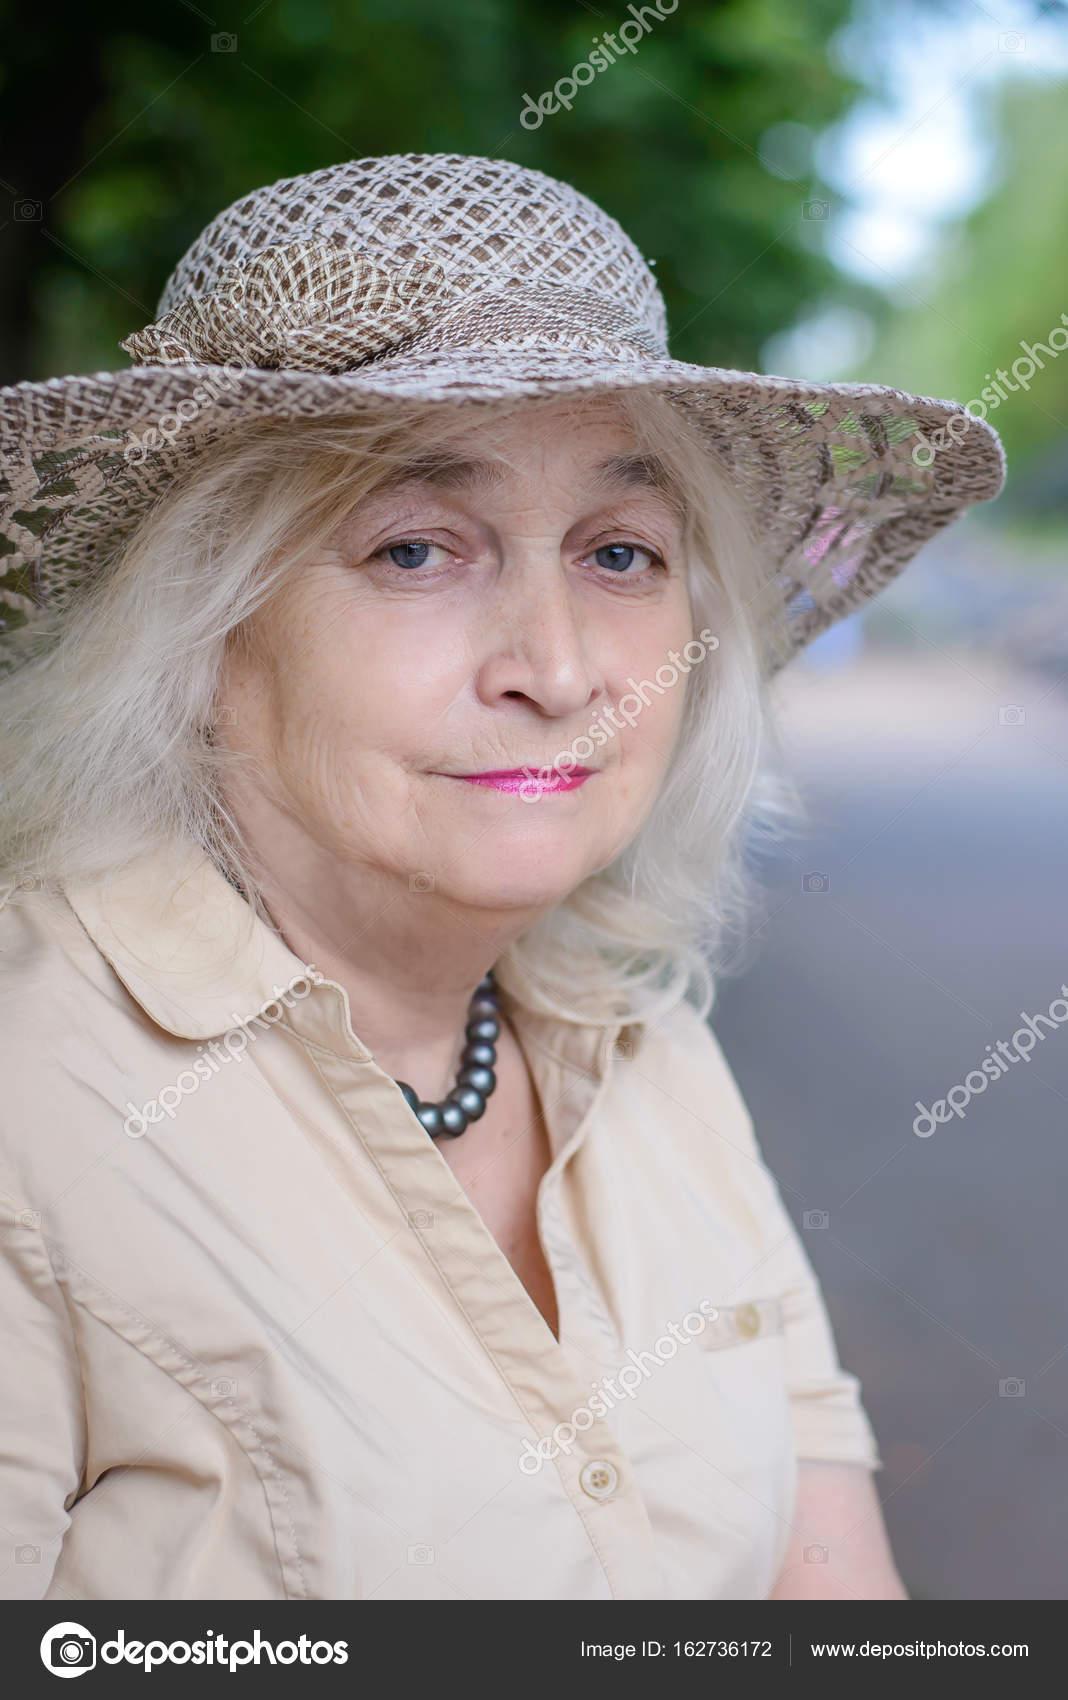 Ritratto di una donna anziana con i capelli grigi in un cappello e beige  vestito nel parco — Foto di elvirkindom yandex.ru 45dd5a15a709